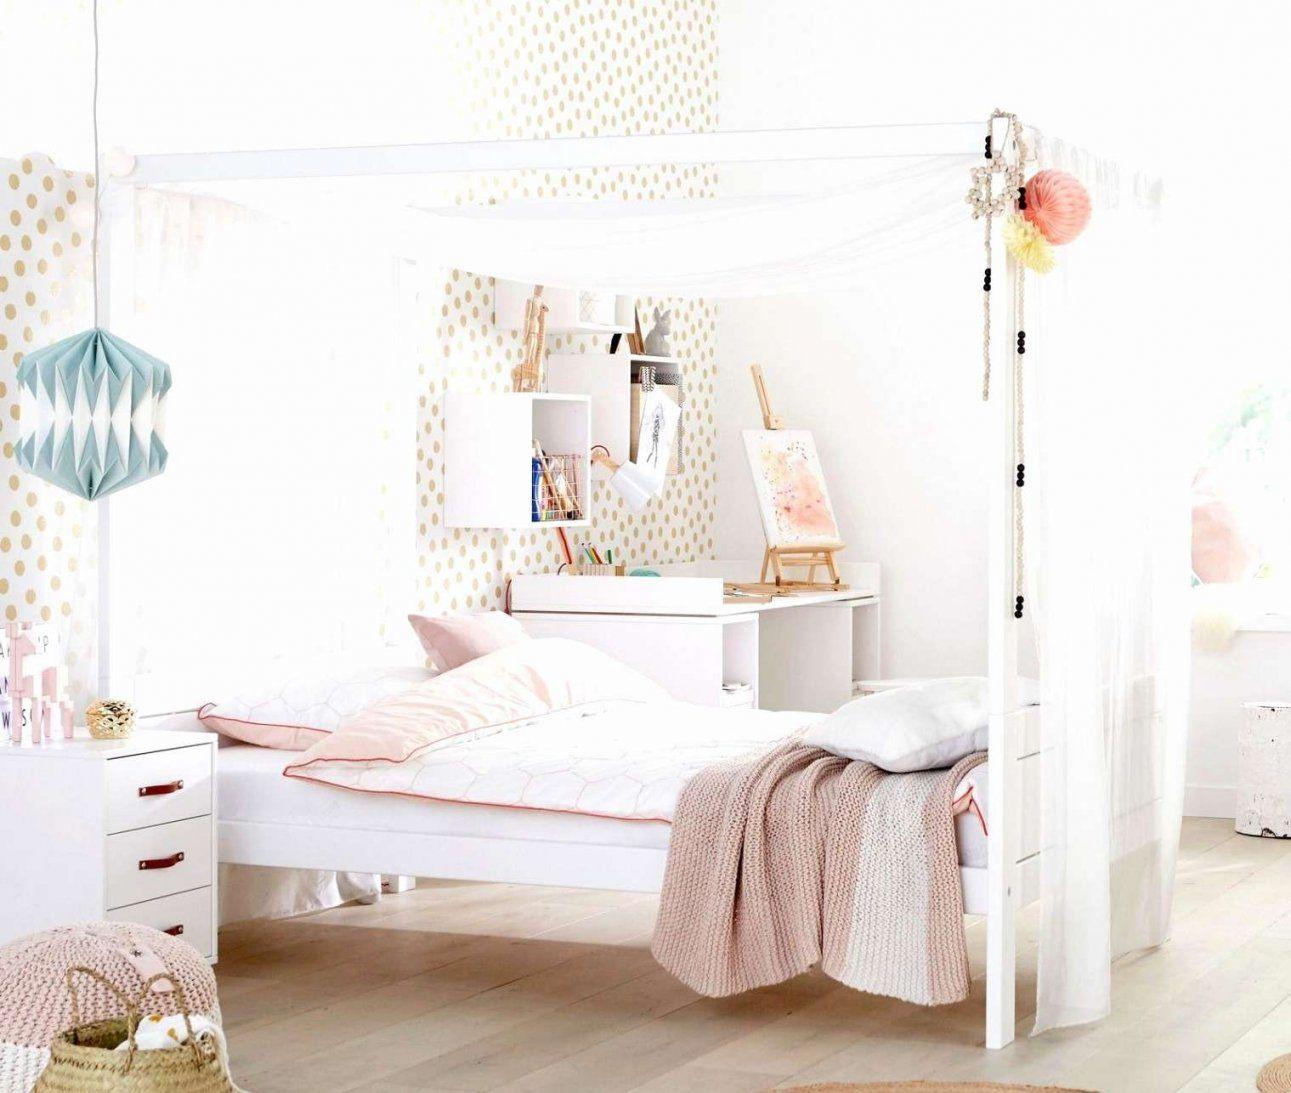 32 Das Beste Von Bett Selber Bauen Bild  Dekor Für Bed Garten Und von Prinzessin Bett Selber Bauen Photo